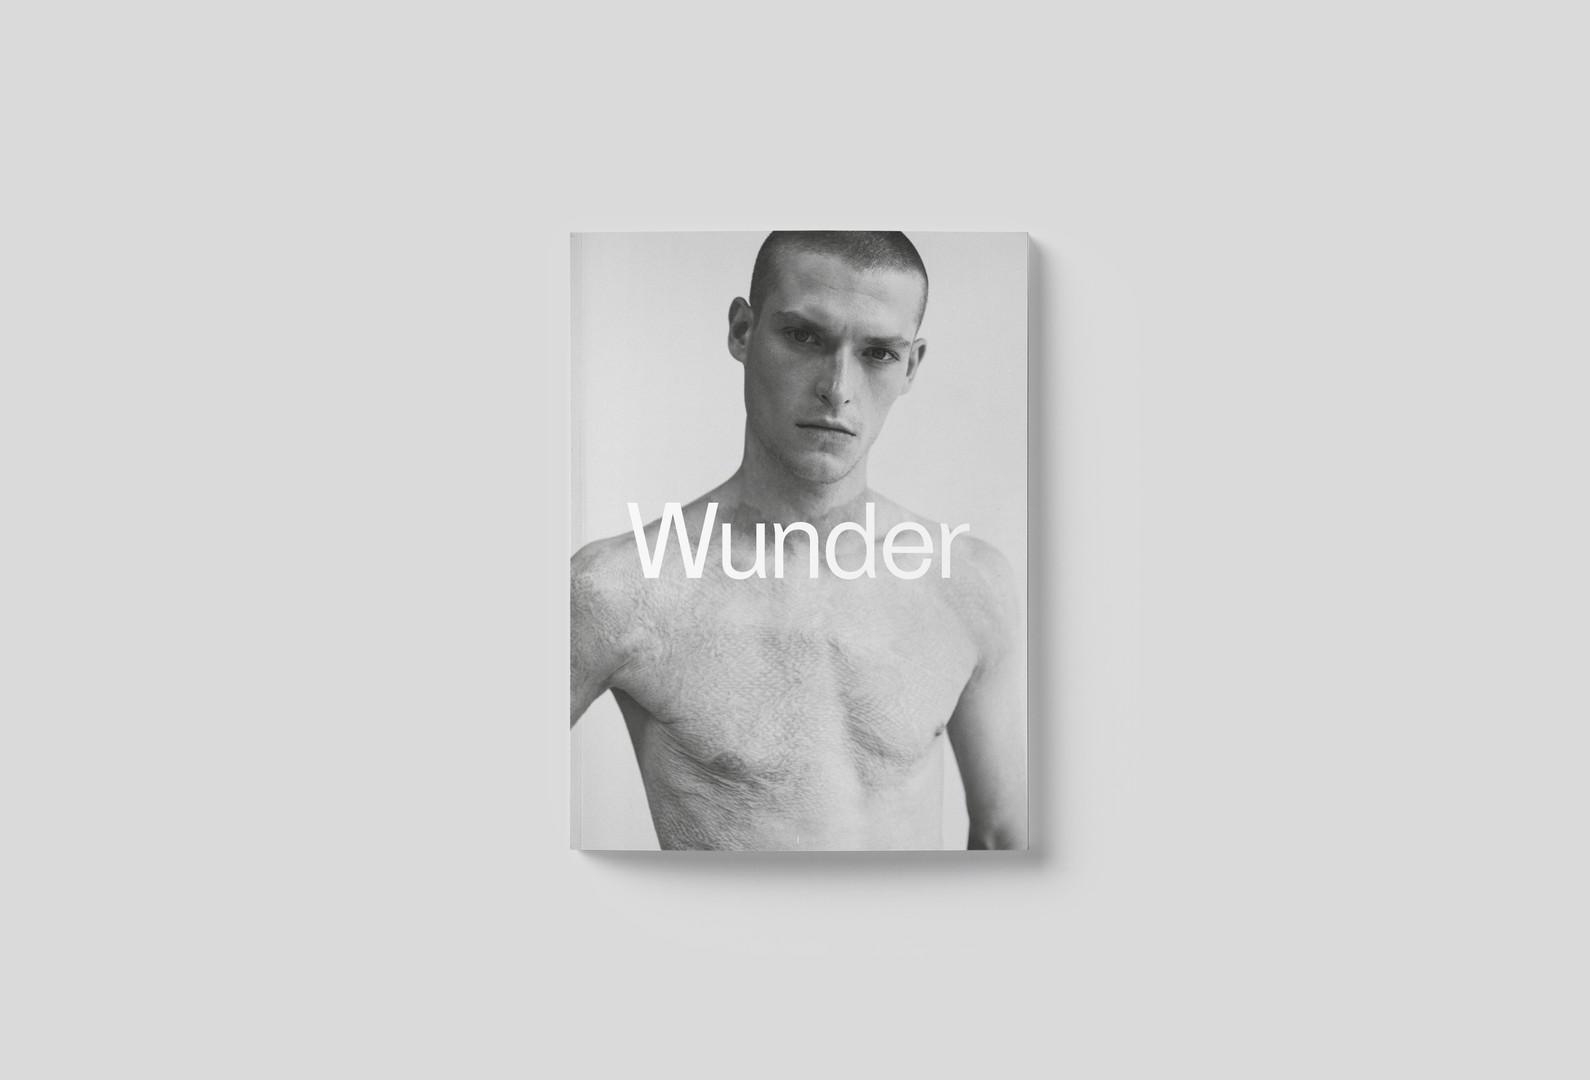 Wunder_COVER.jpg